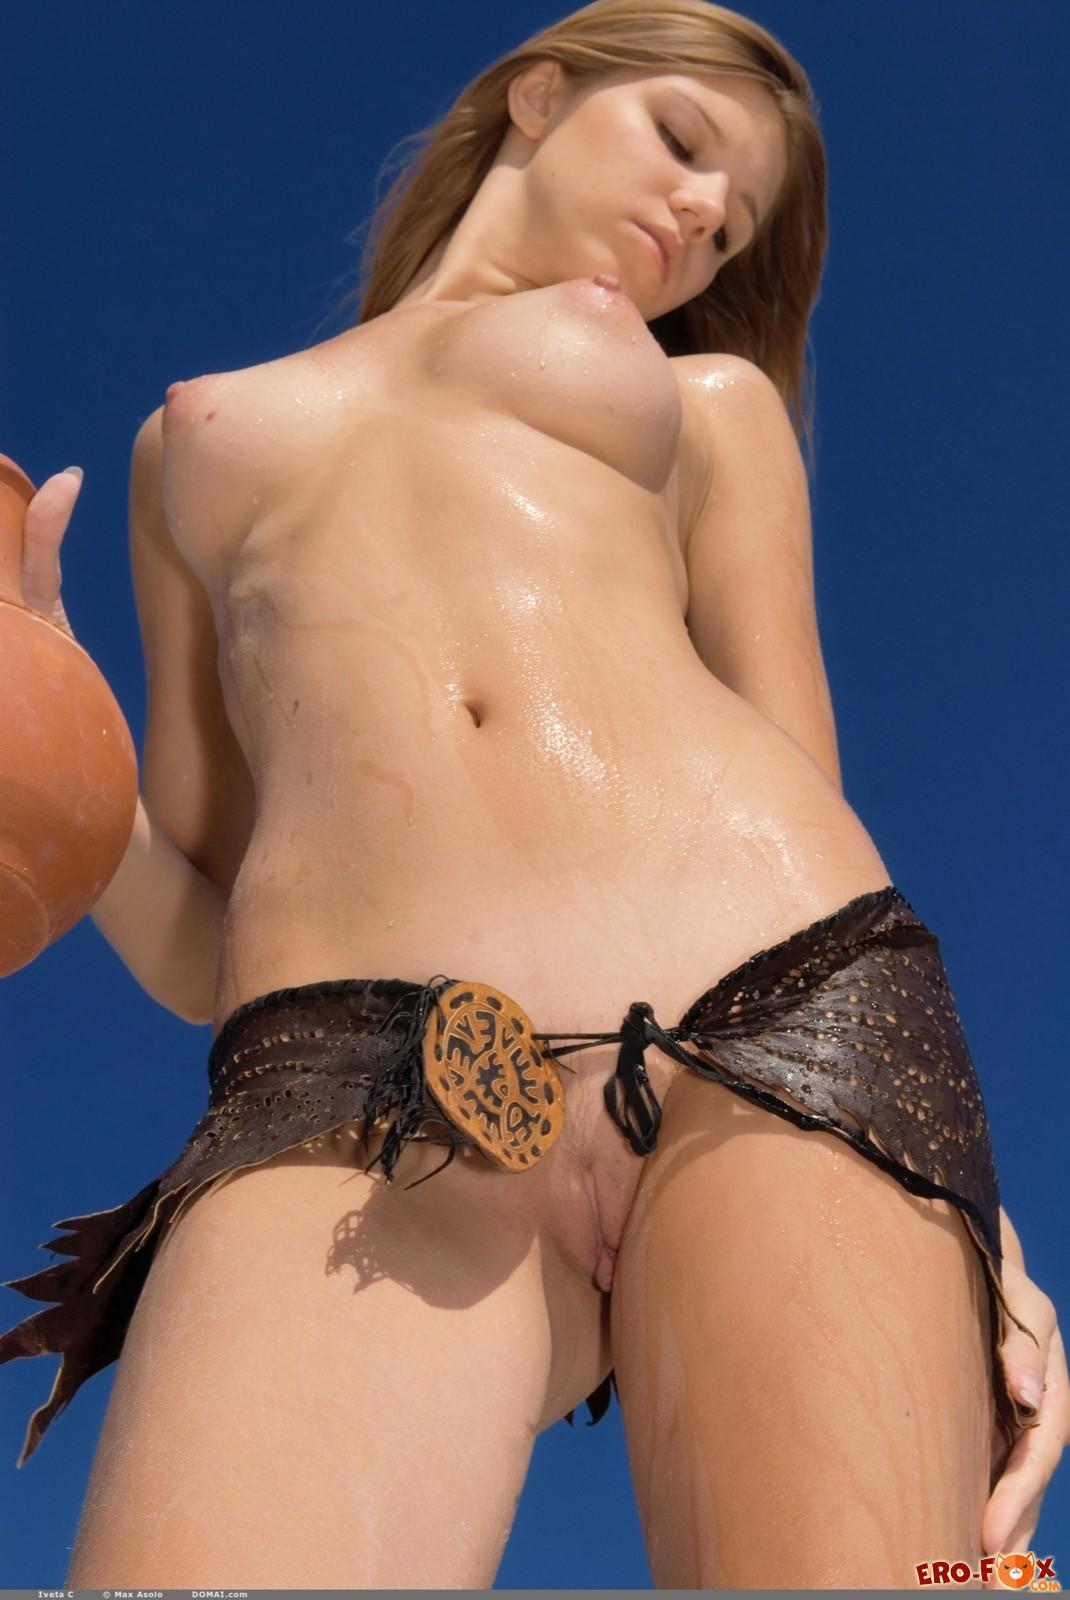 Обнаженная девушка обливается водой из кувшина